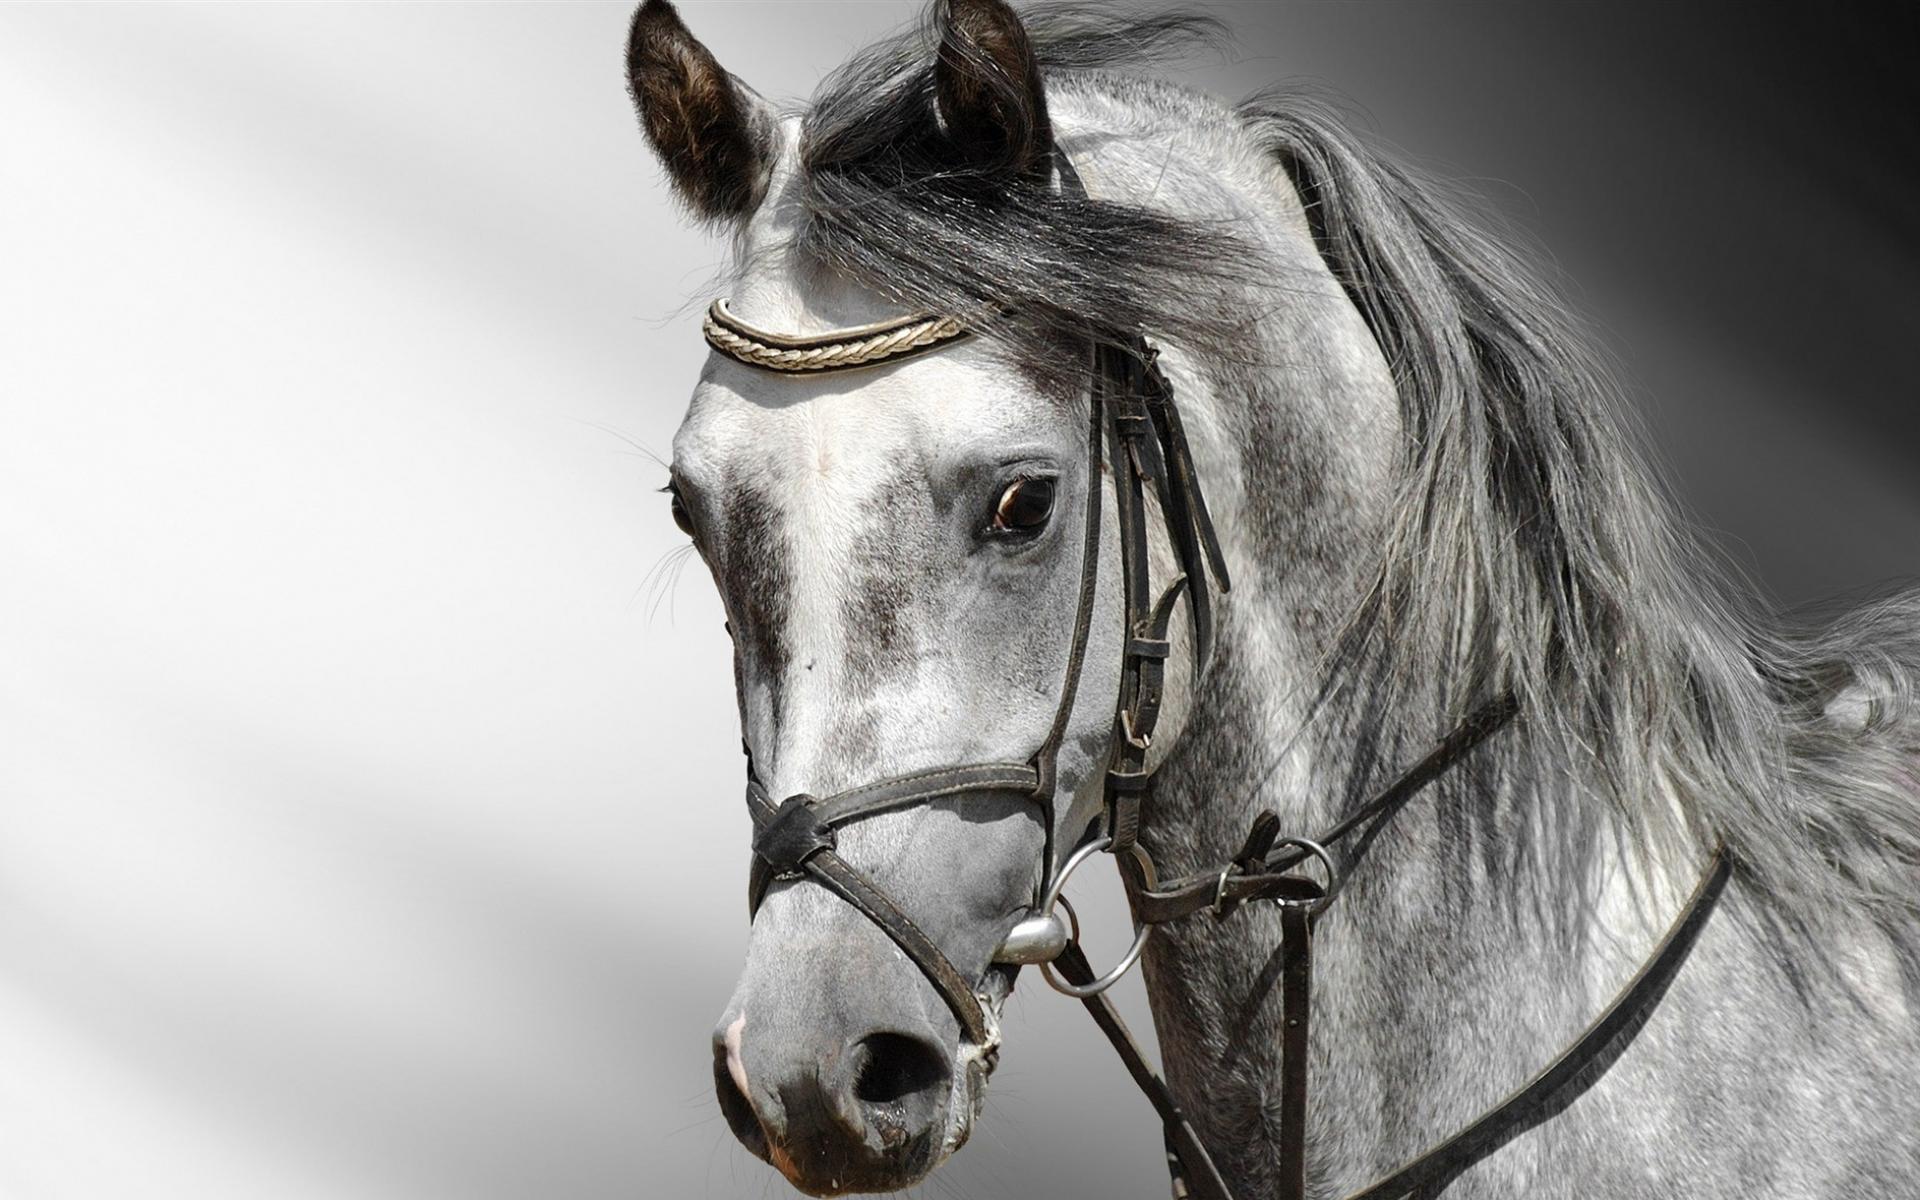 Красивая лошадь обои для рабочего стола, картинки, фото ...